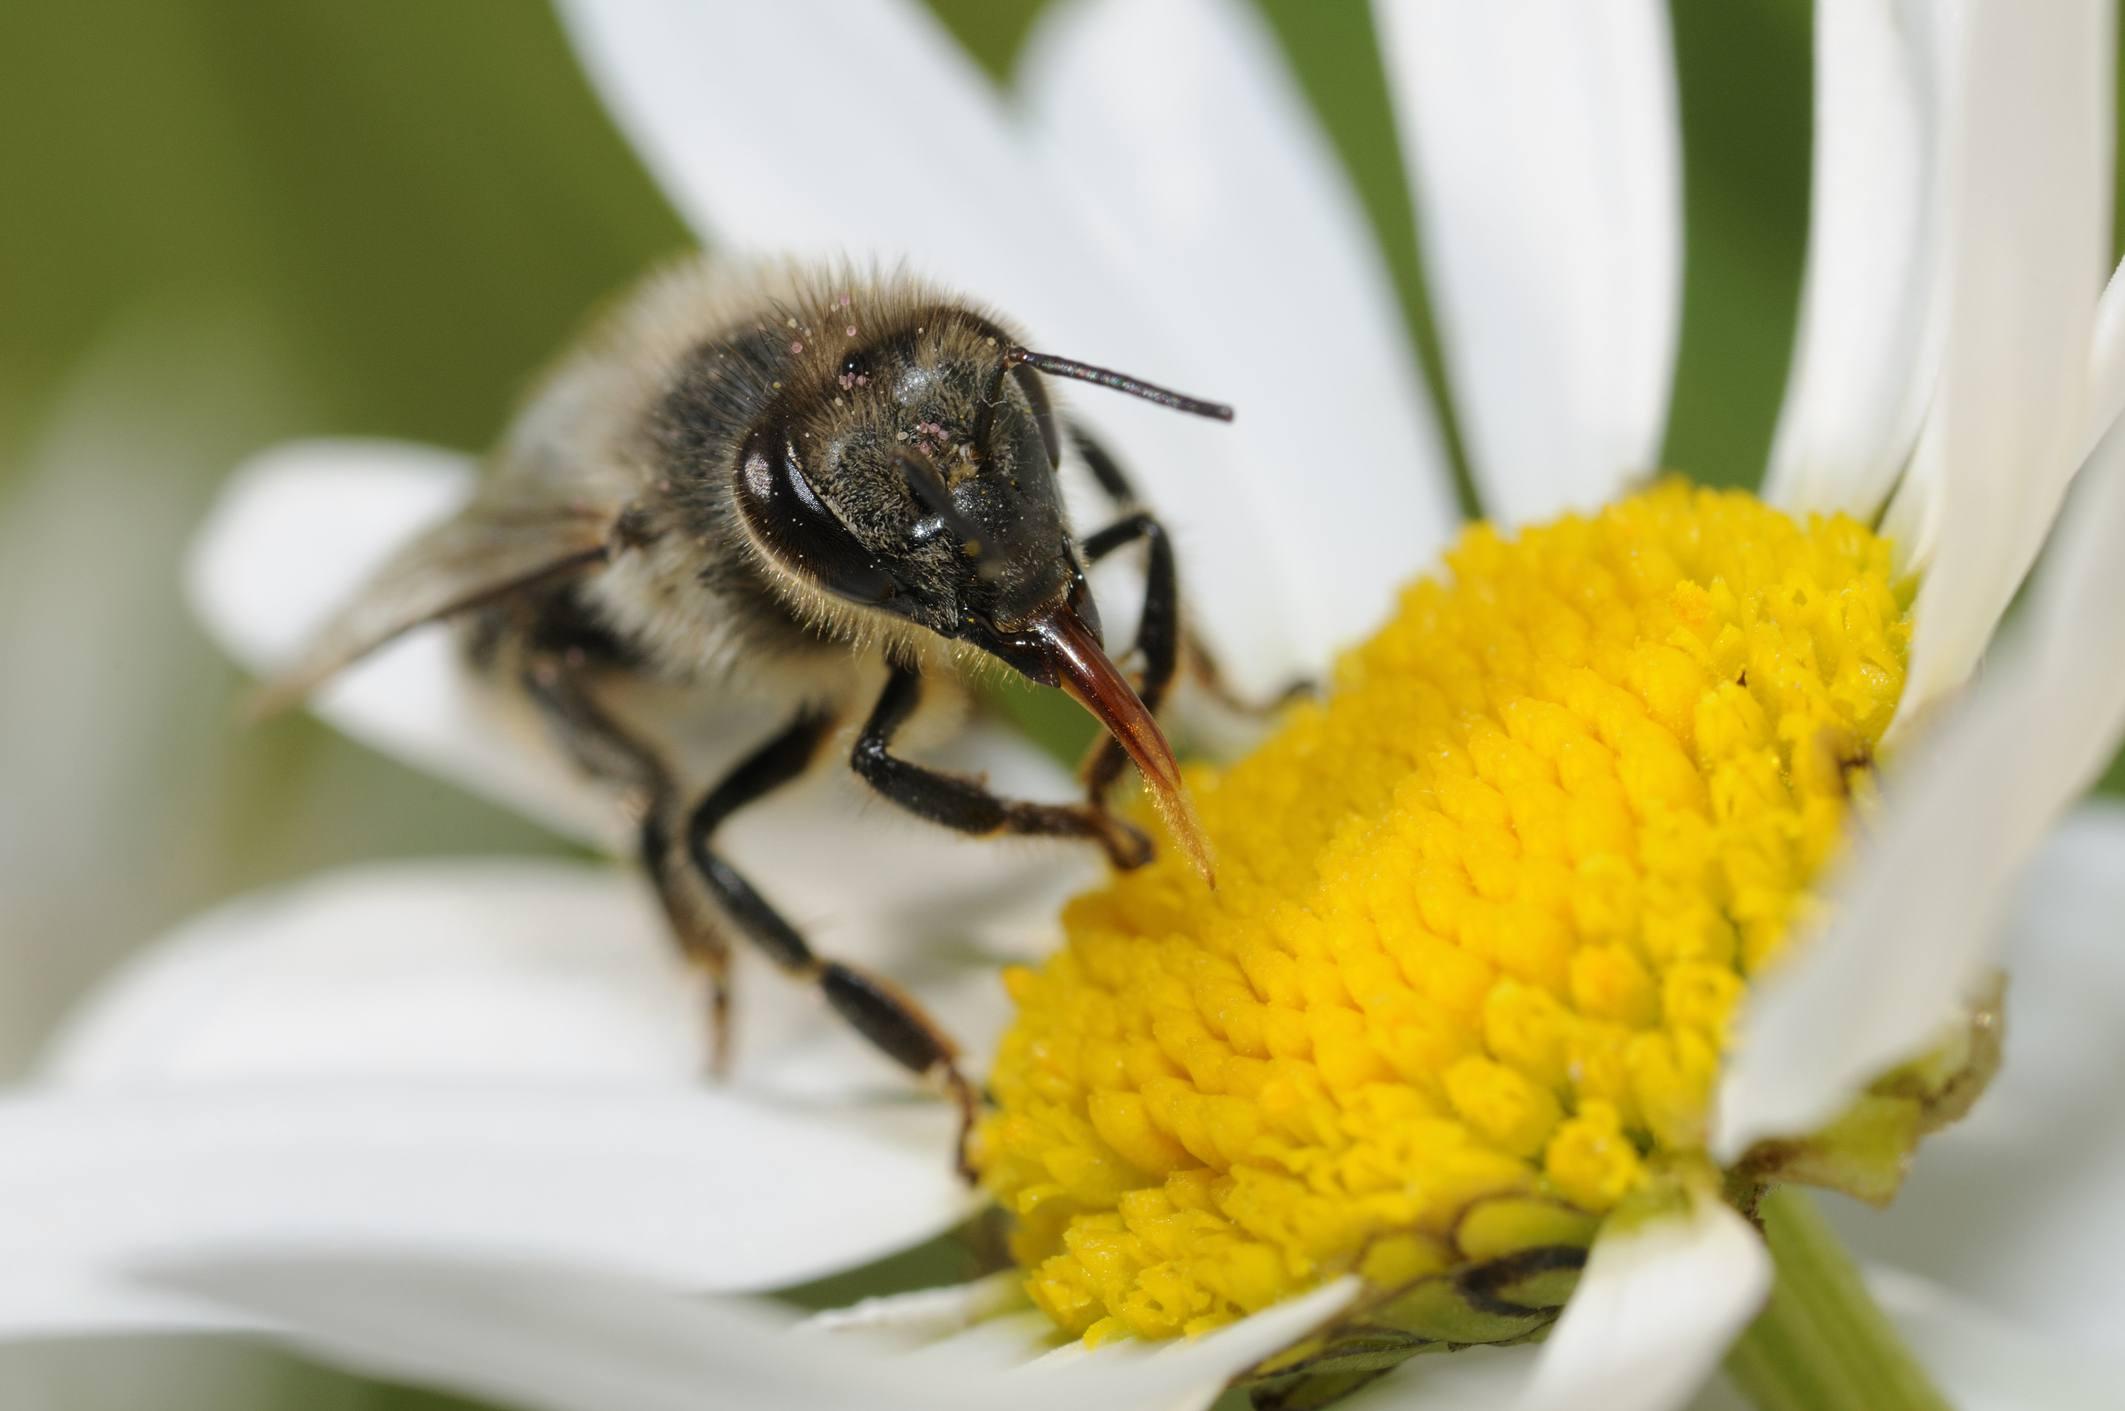 Honeybee gathering nectar from a daisy